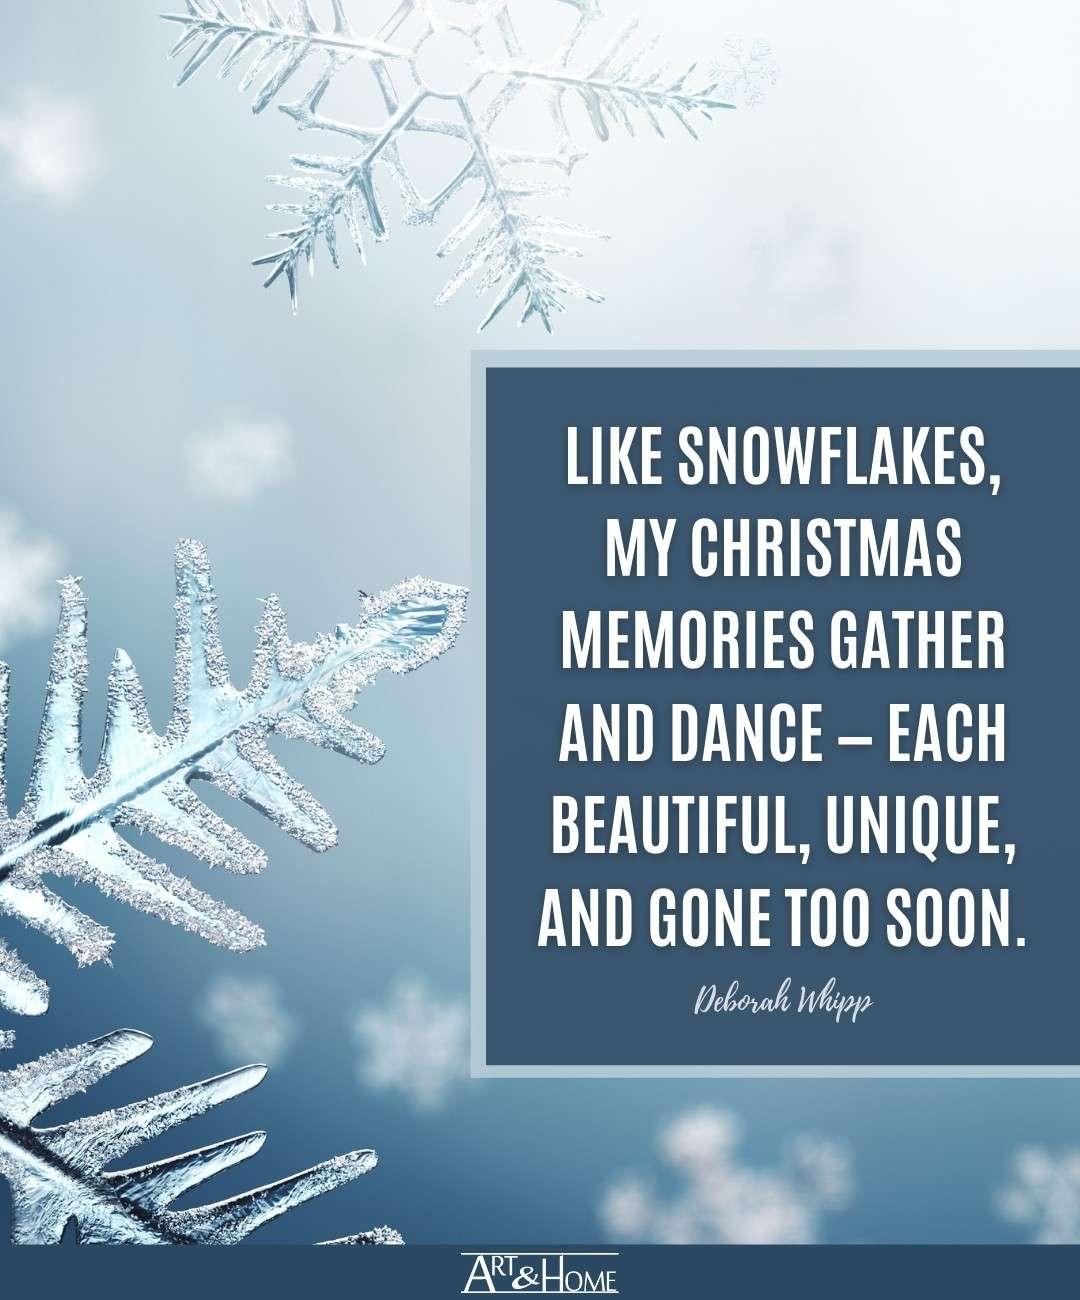 Deborah Whipp Snowflakes Quote